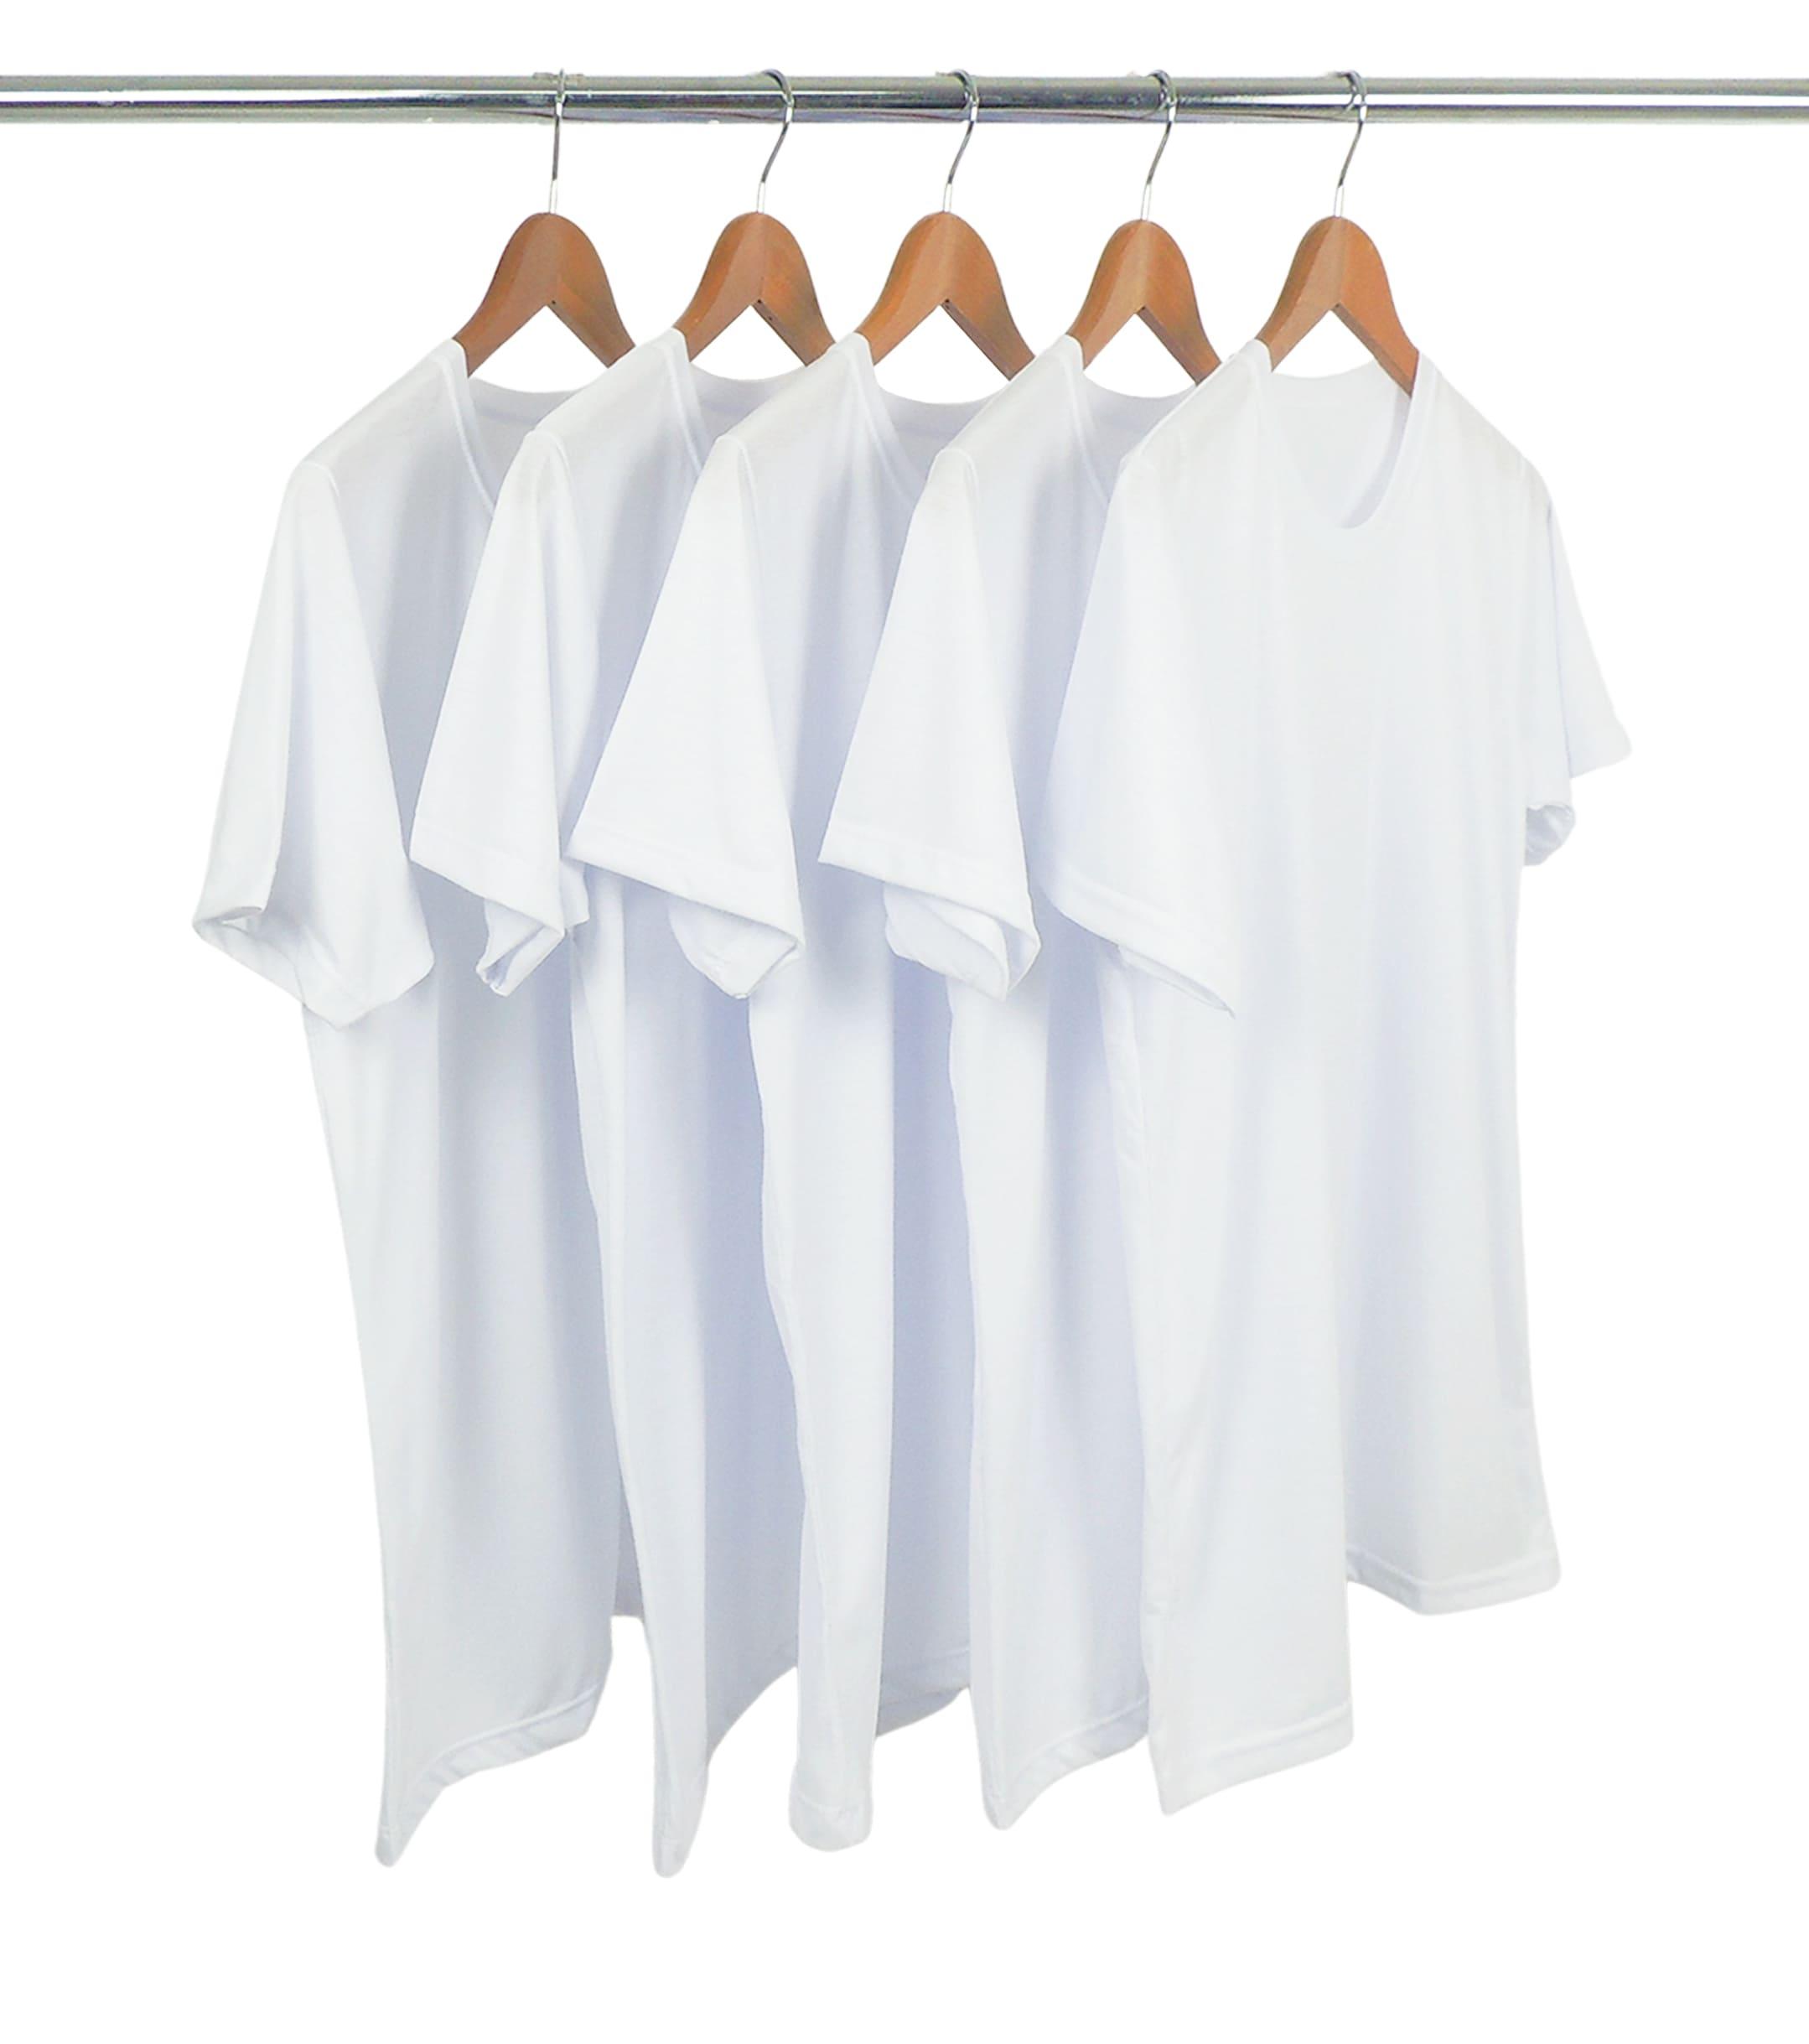 5 PEÇAS - Camiseta PV / Malha Fria Branca